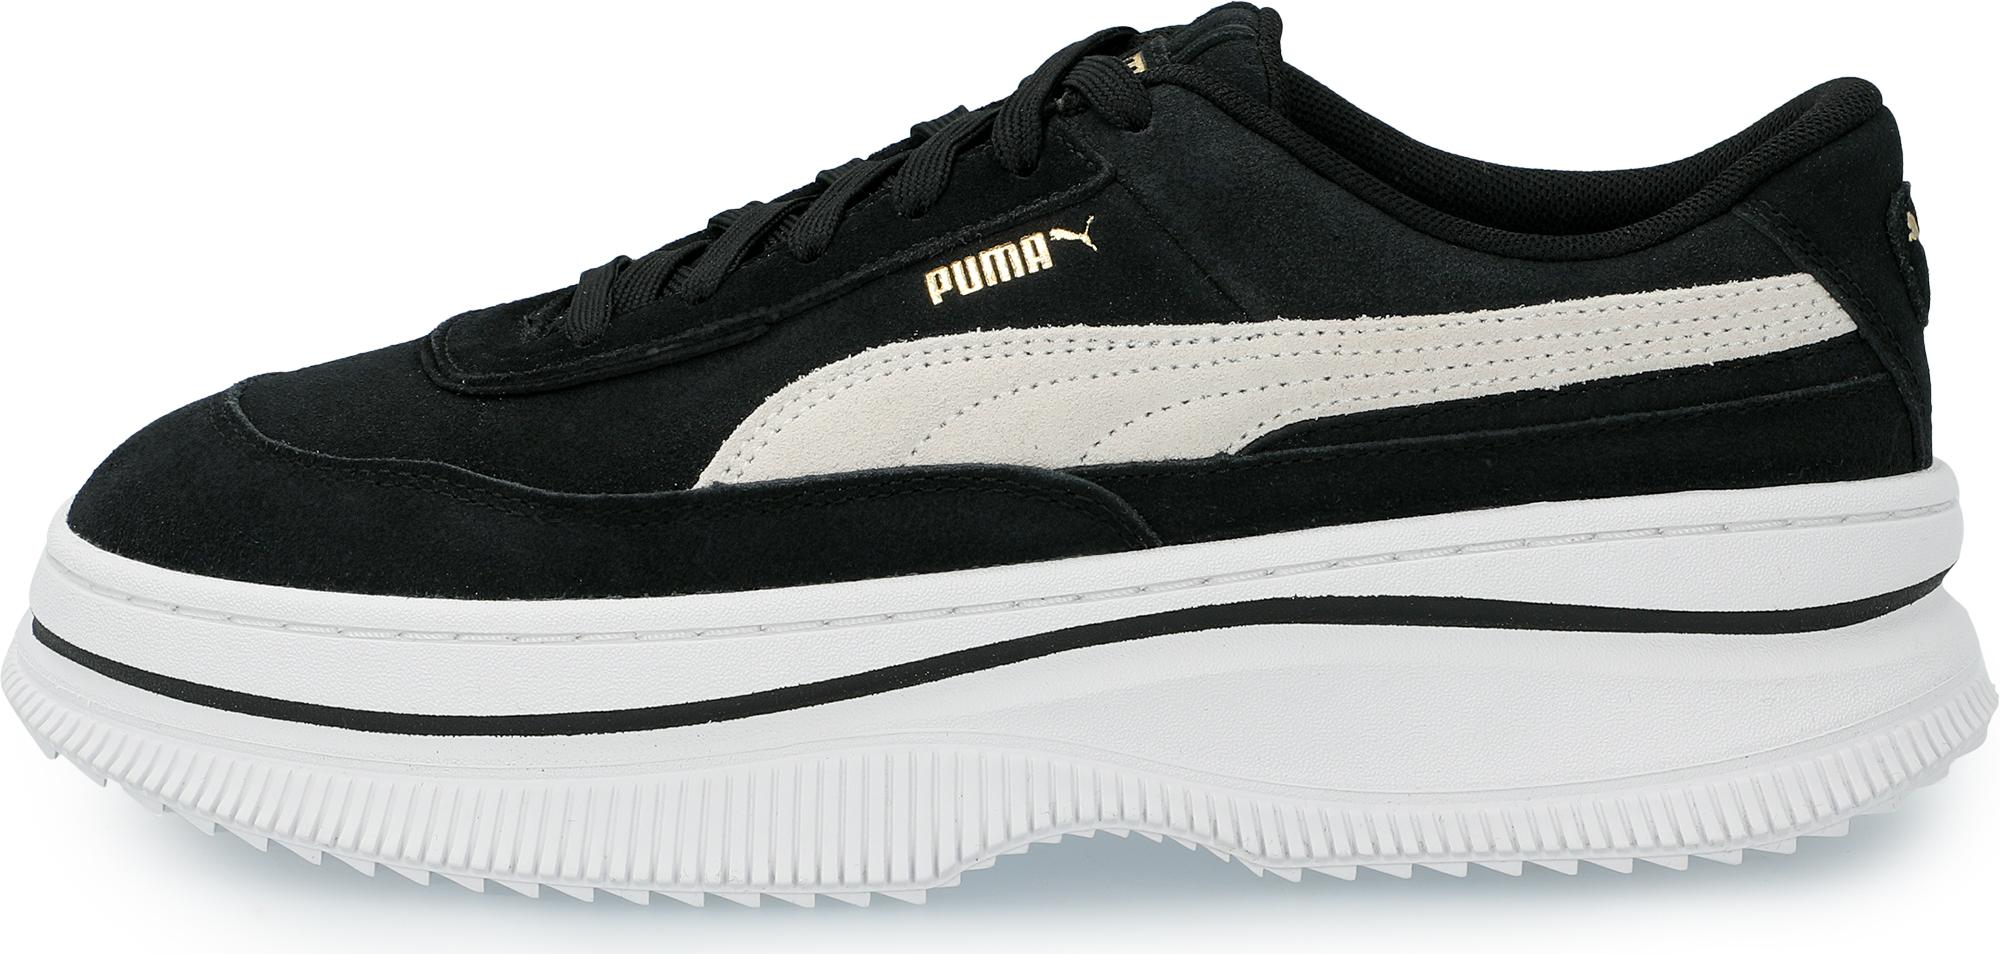 цена Puma Кеды женские Puma Deva Suede, размер 39 онлайн в 2017 году